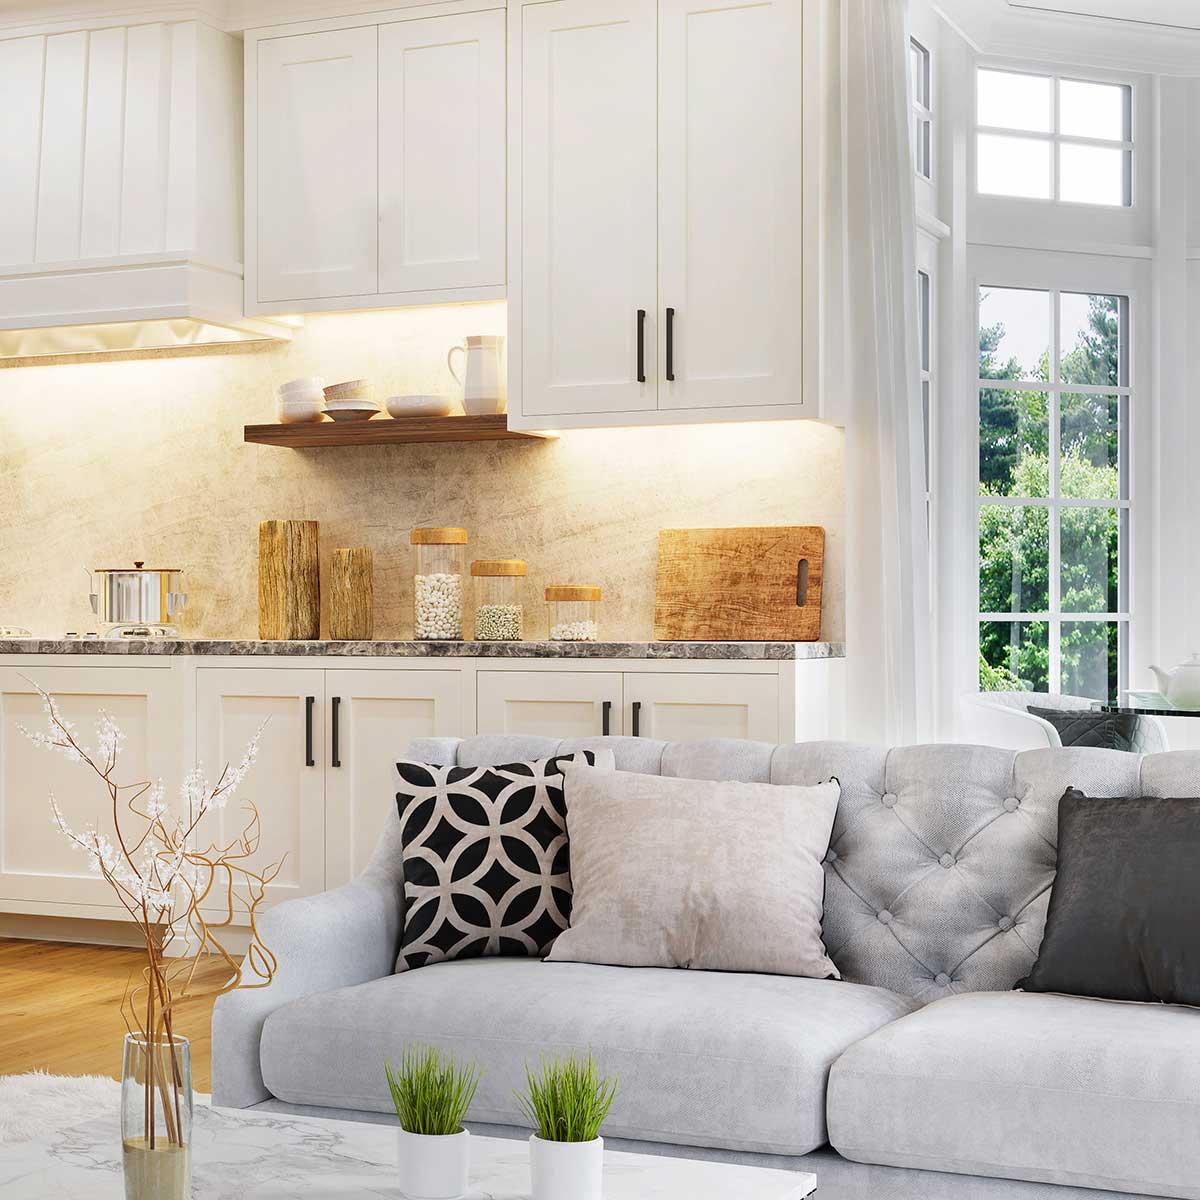 Kitchen scene from Heathland Homes Housing Developer Business